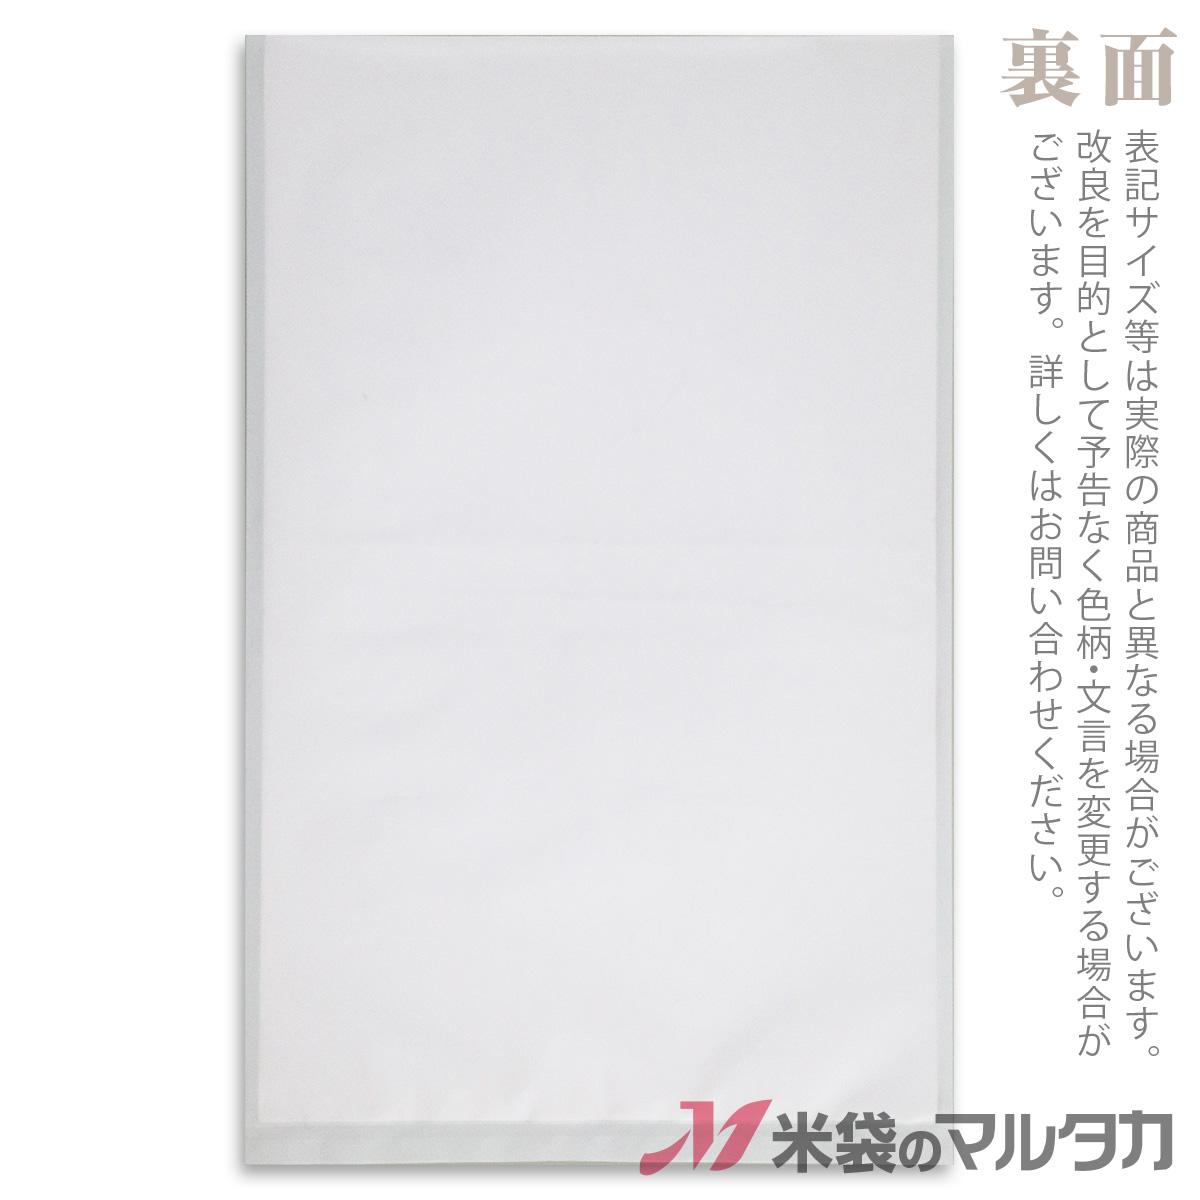 <キャンペーン対応> 米袋 バイオマスポリ マイクロドット ミルキークイーン まゆ珠 5kg用 1ケース(500枚入) PE-1107